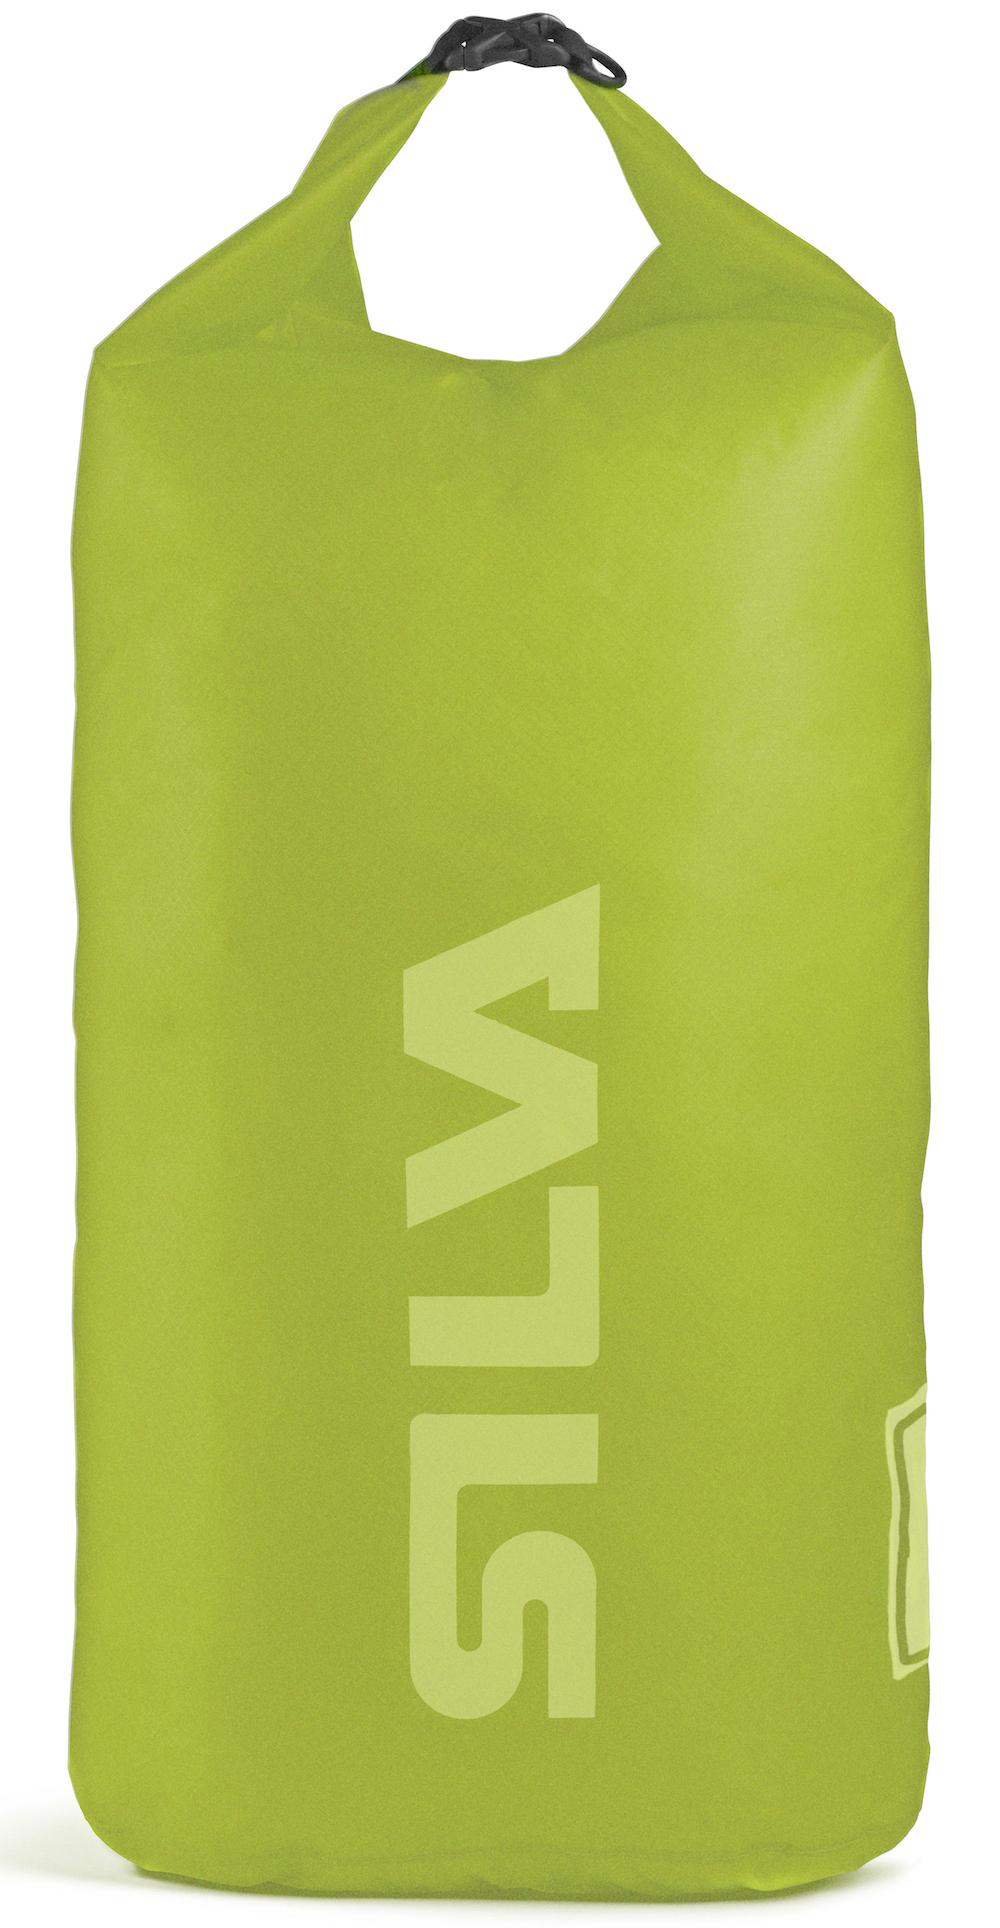 Silva Carry Dry Bag 70D - 24L - Sac étanche